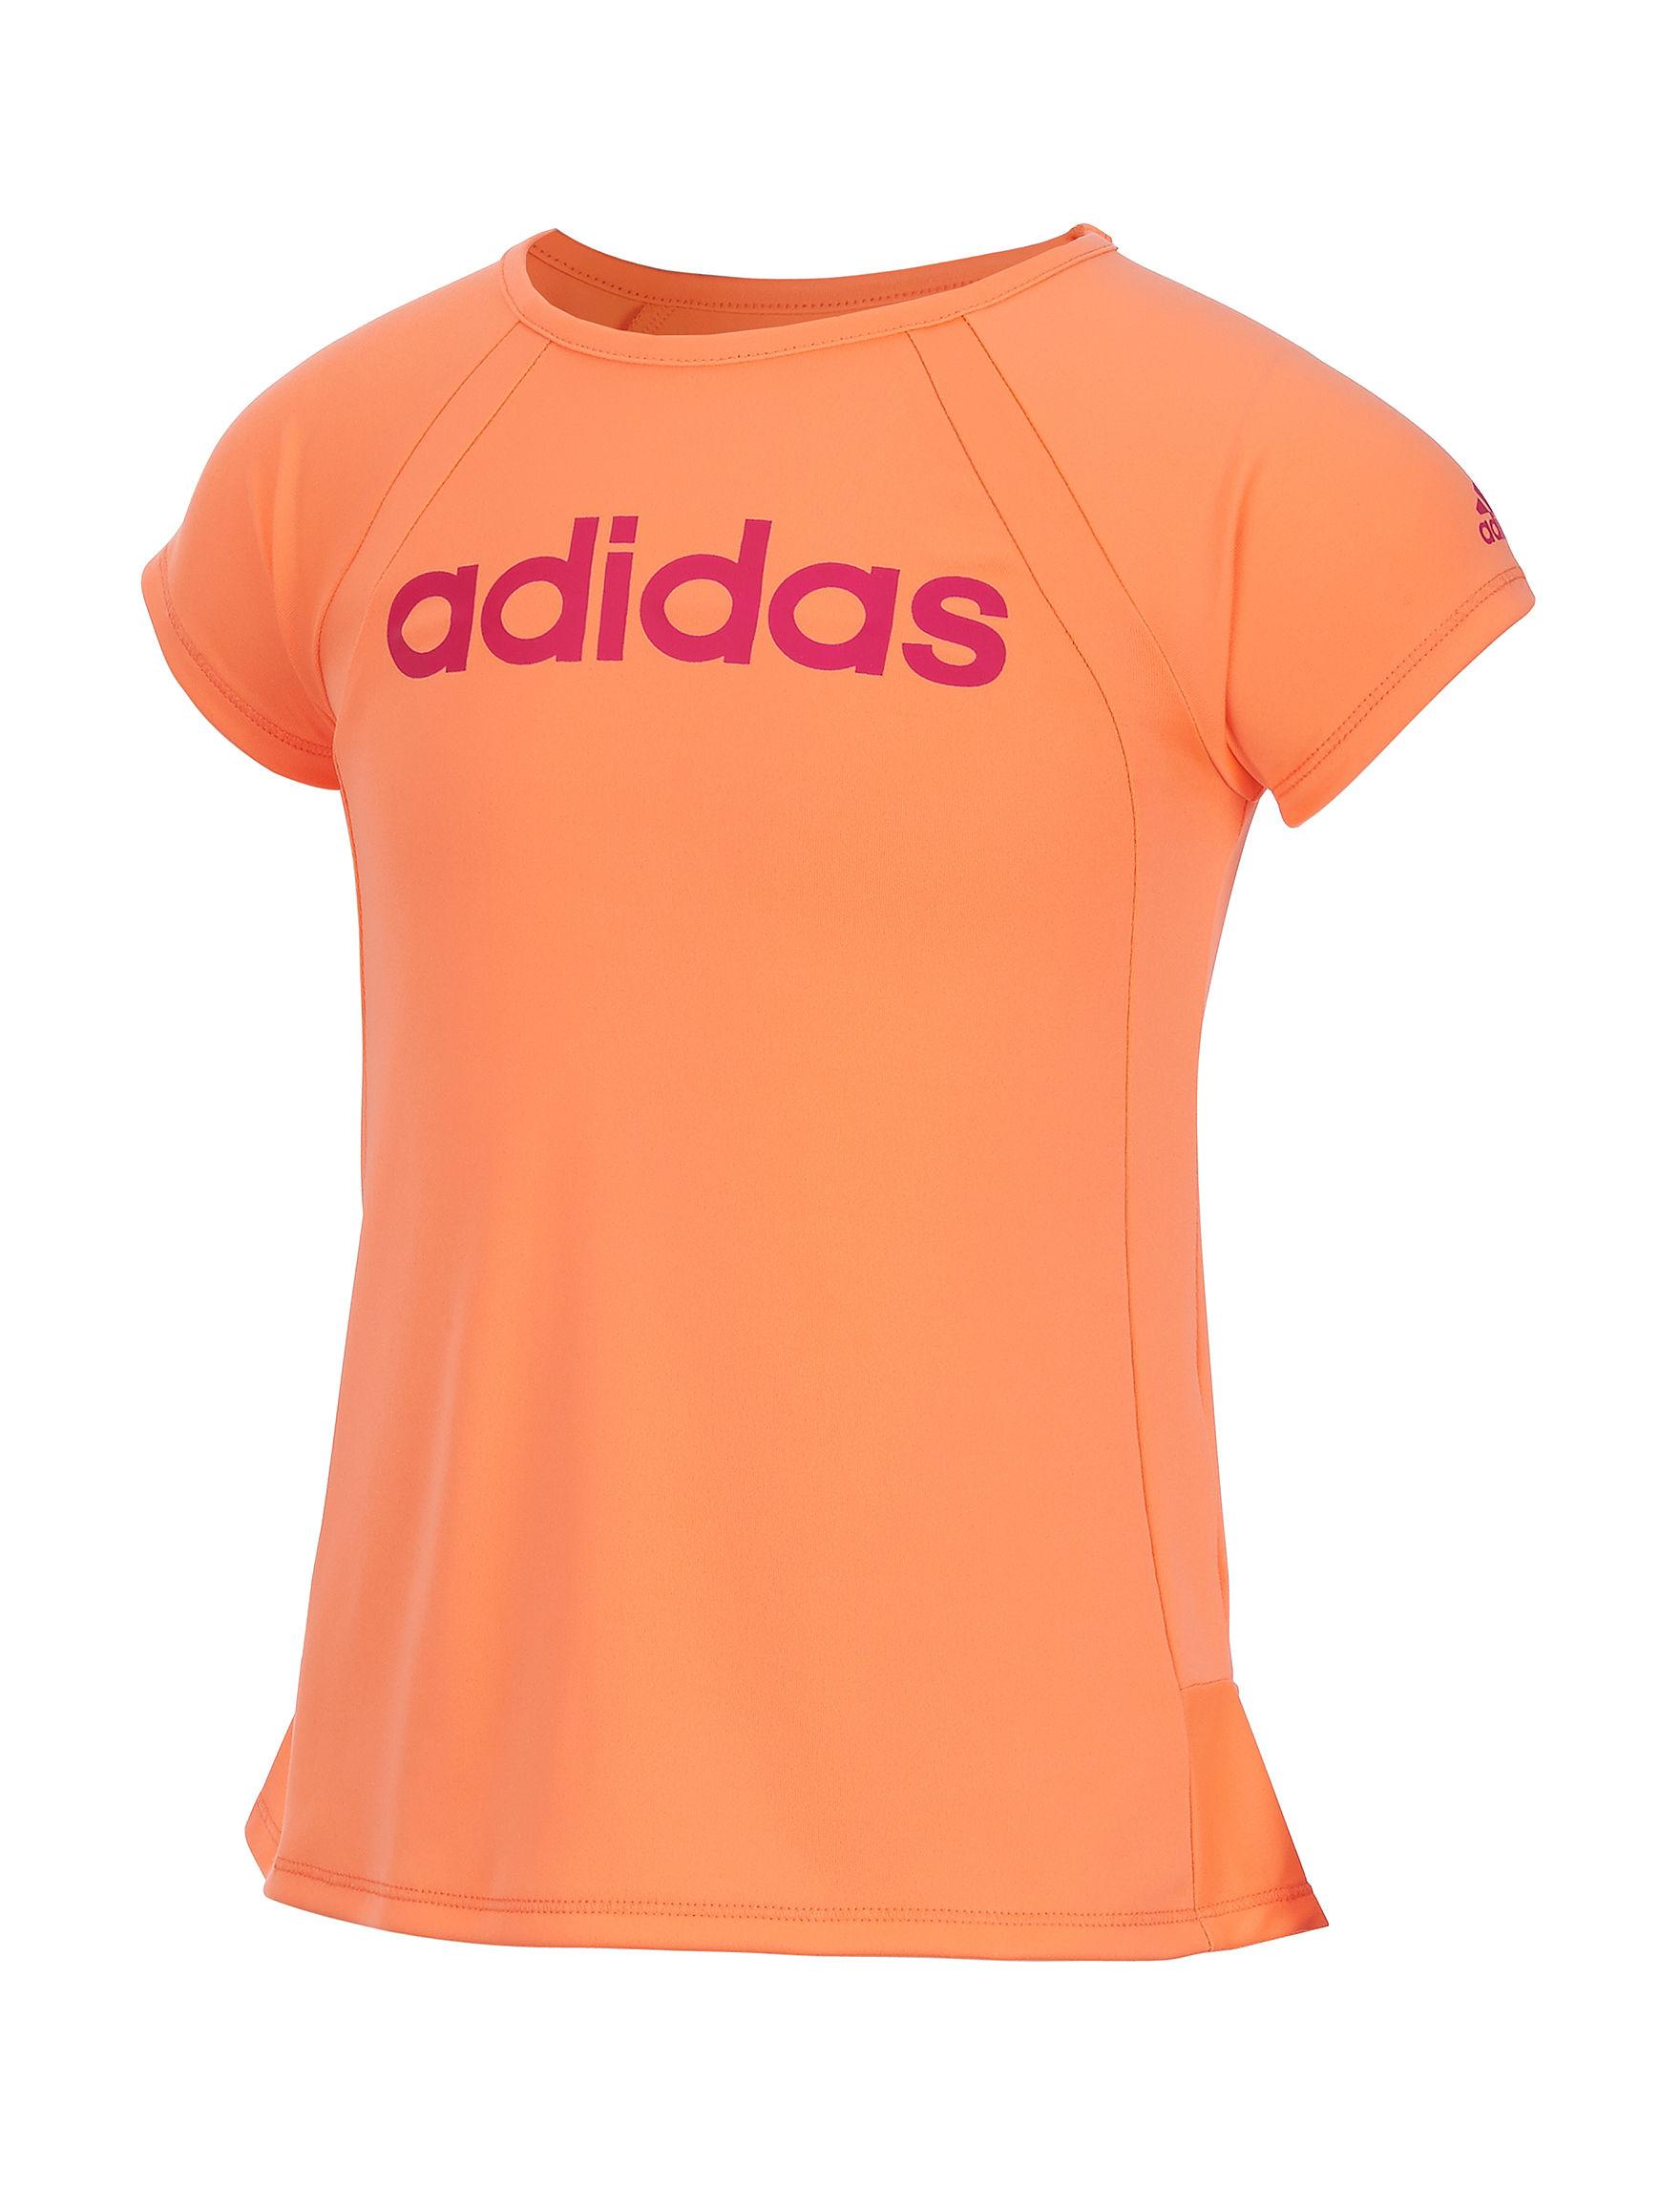 Adidas Burnt Orange Stretch